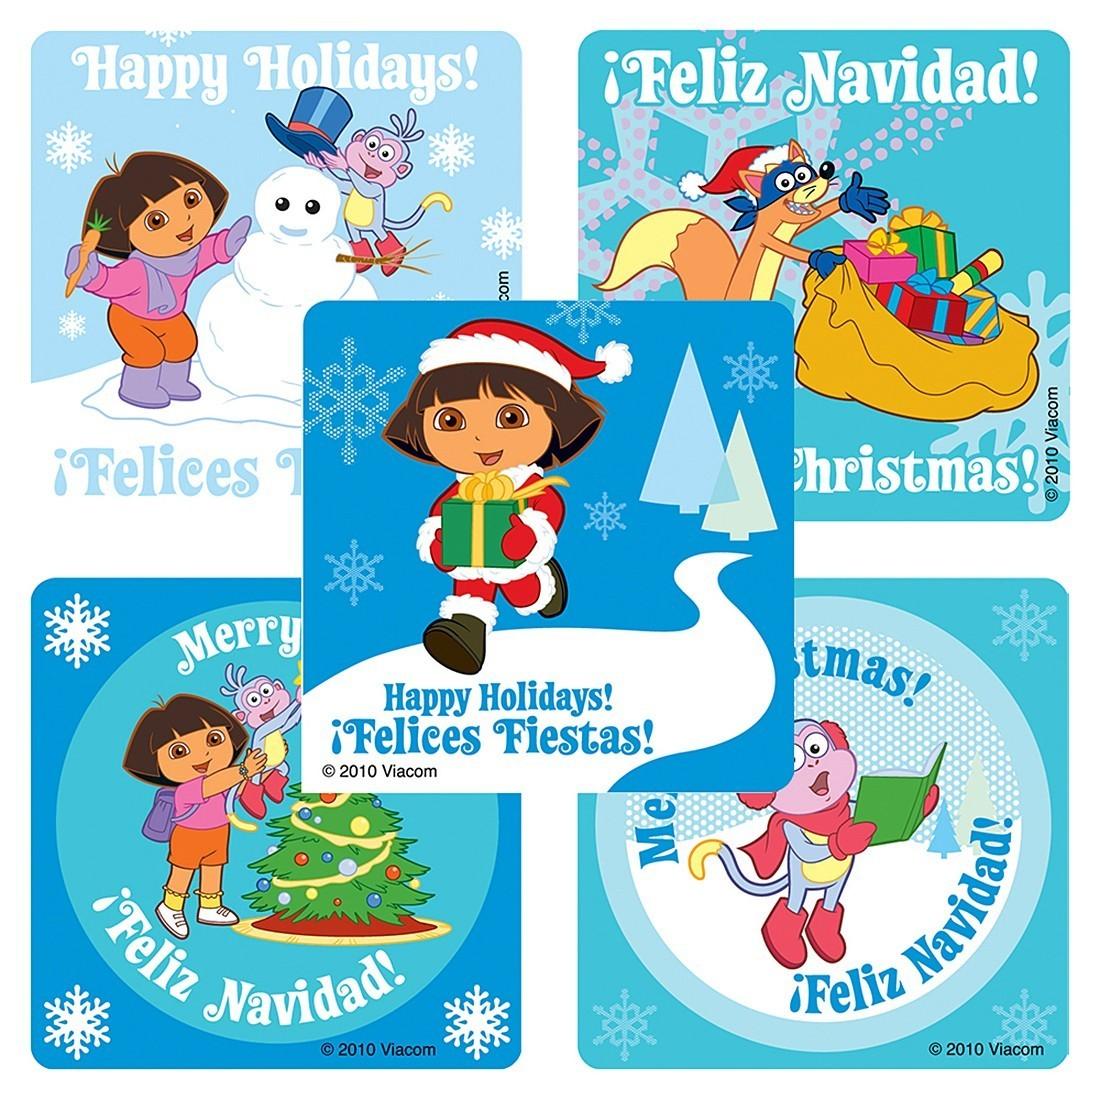 Dora the Explorer Christmas Stickers               [image]